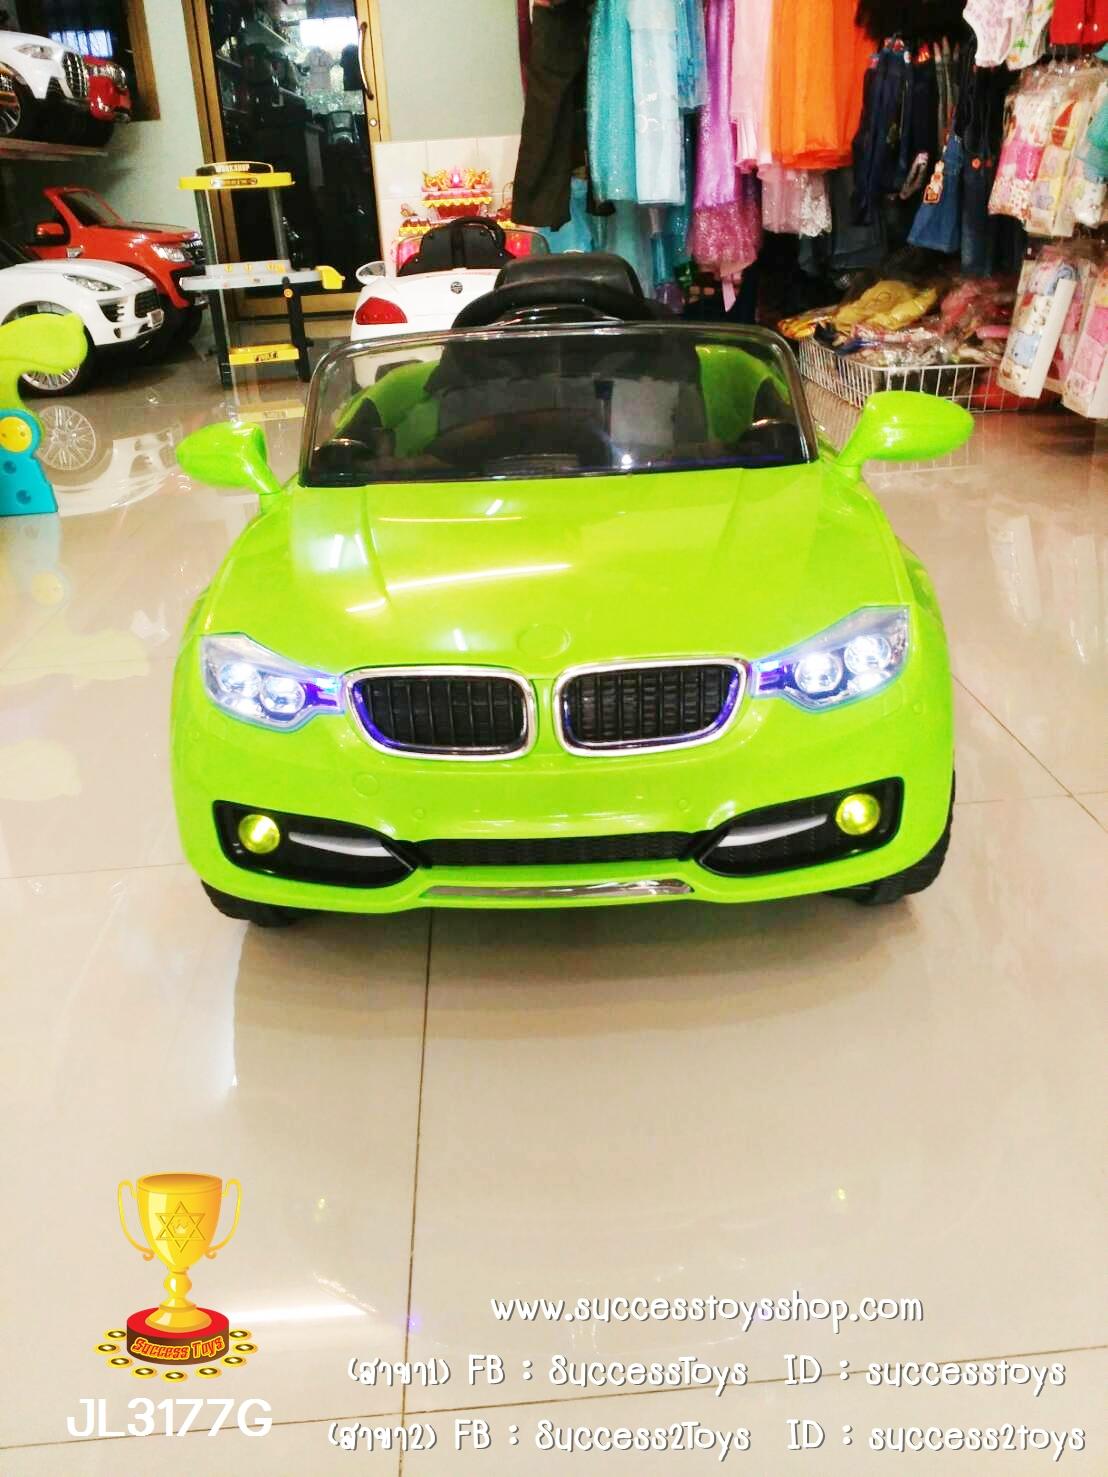 JL3177G รถแบตเตอรี่เด็กนั่งไฟฟ้า BMW 2M